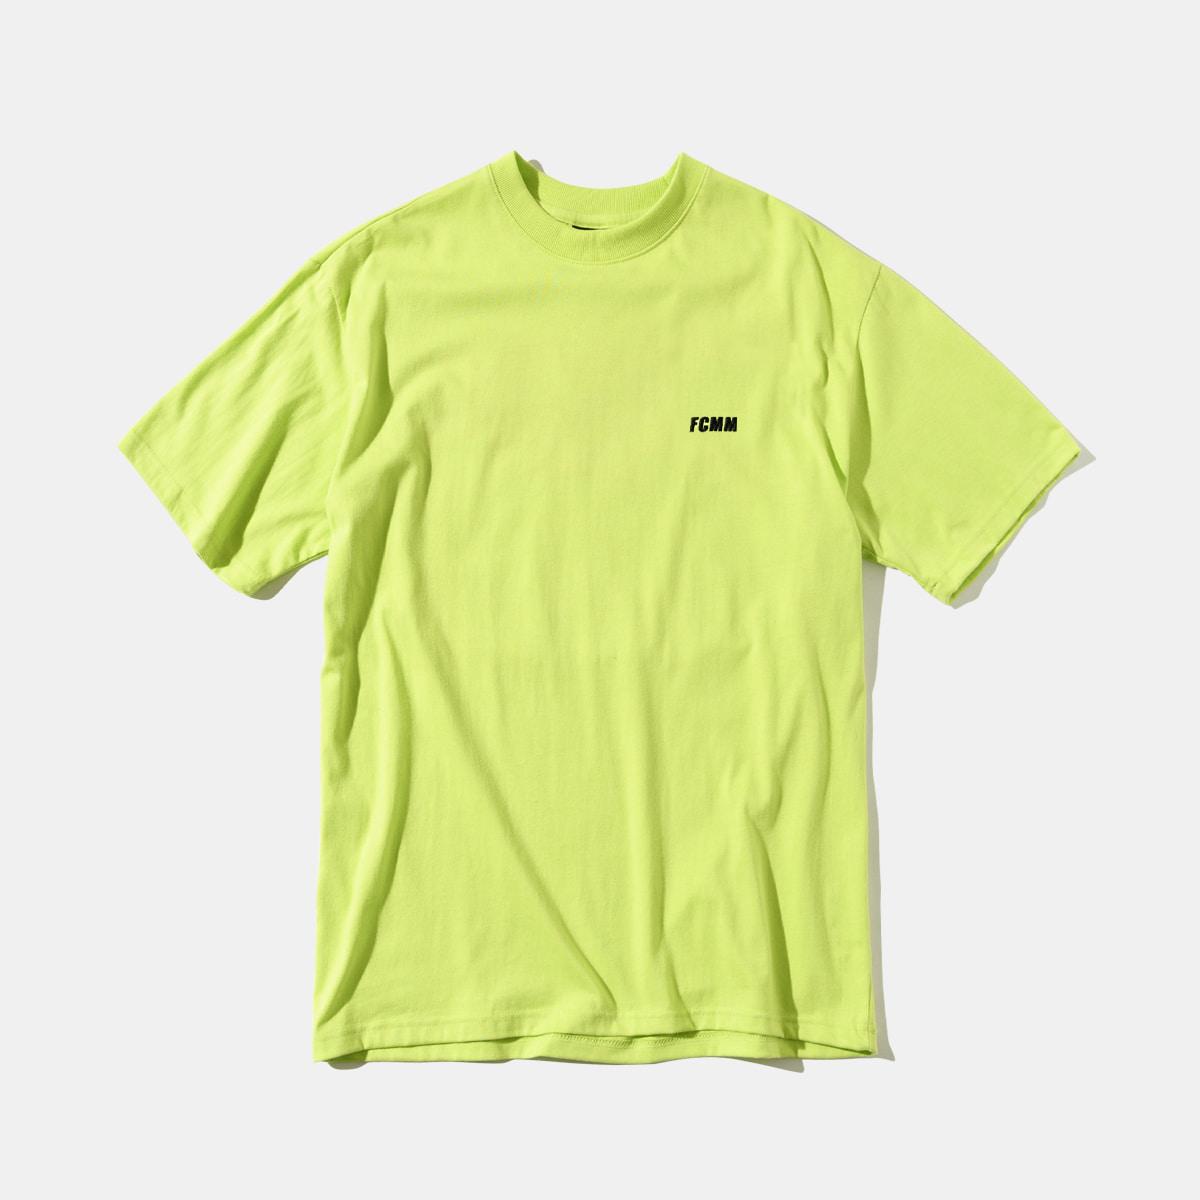 클럽 엠브로이드 티셔츠 - 네온라임